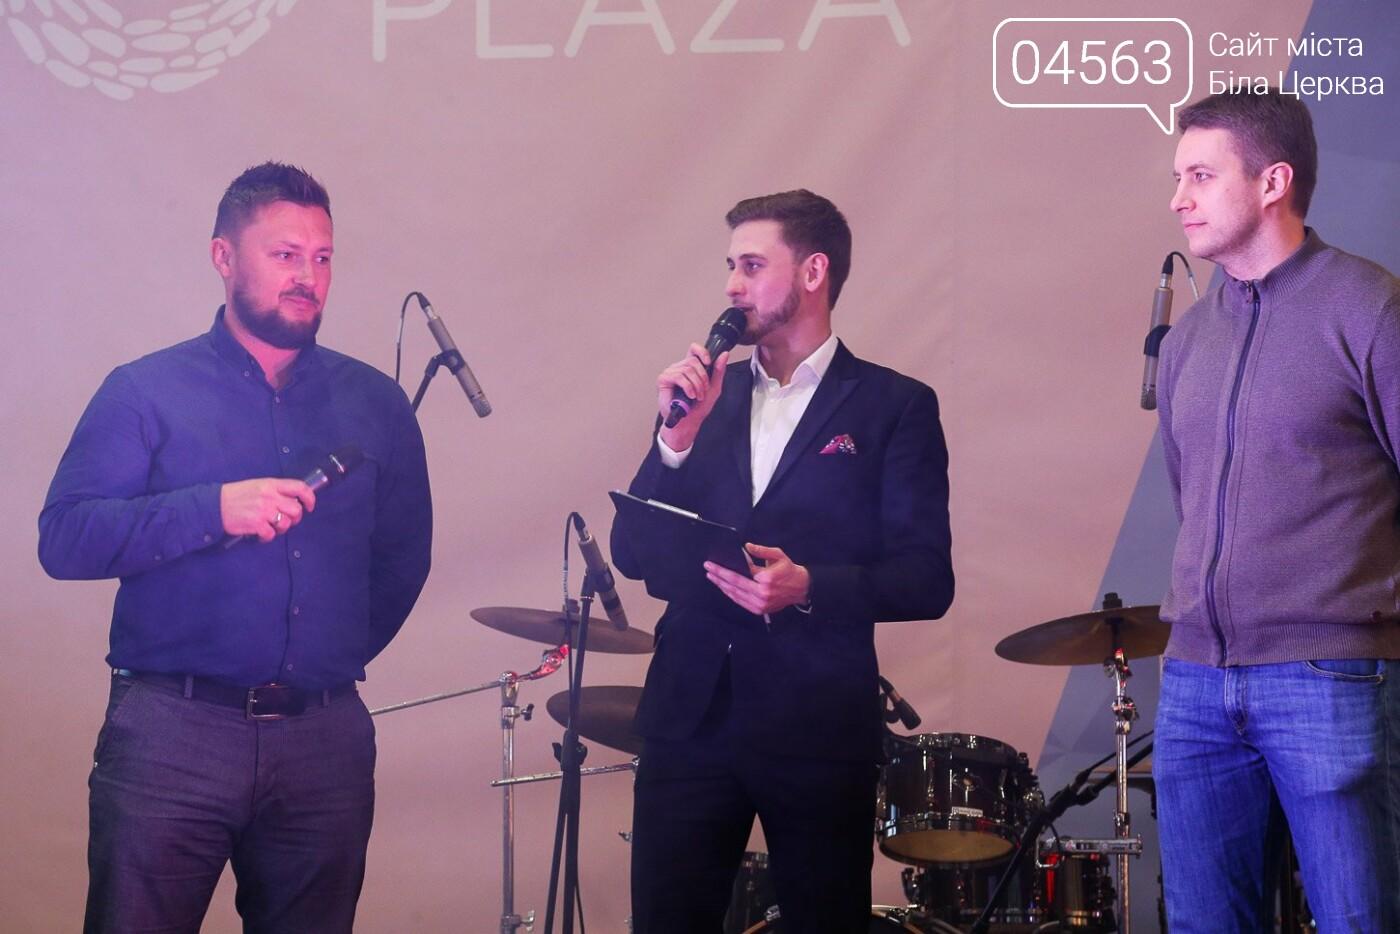 У Києві презентували чемпіонський кубок України з хокею, фото-4